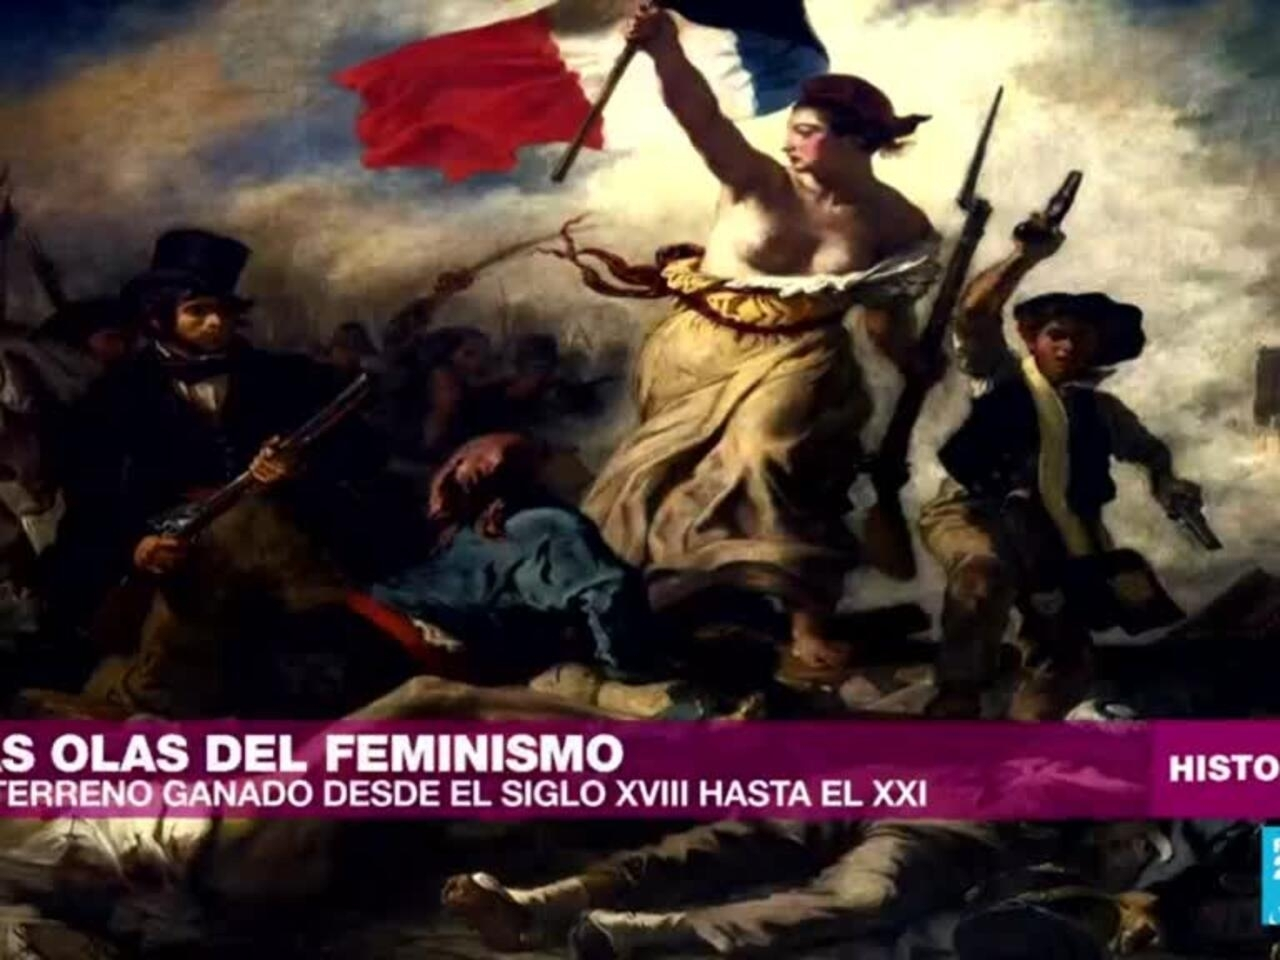 Así Han Sido Las Olas Del Feminismo Desde El Siglo Xviii Hasta La Actualidad Historia